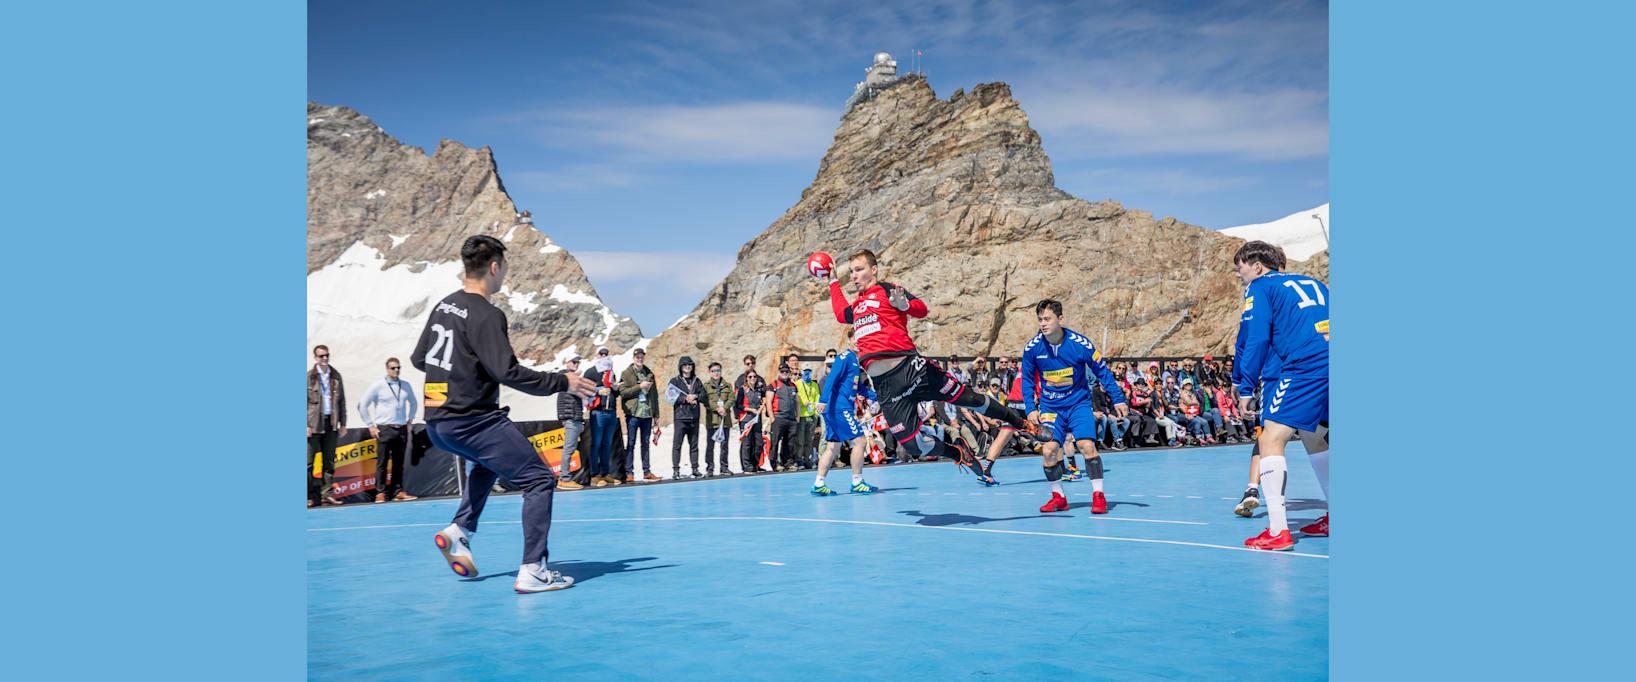 Handball 2 Handballmatch Jungfraujoch